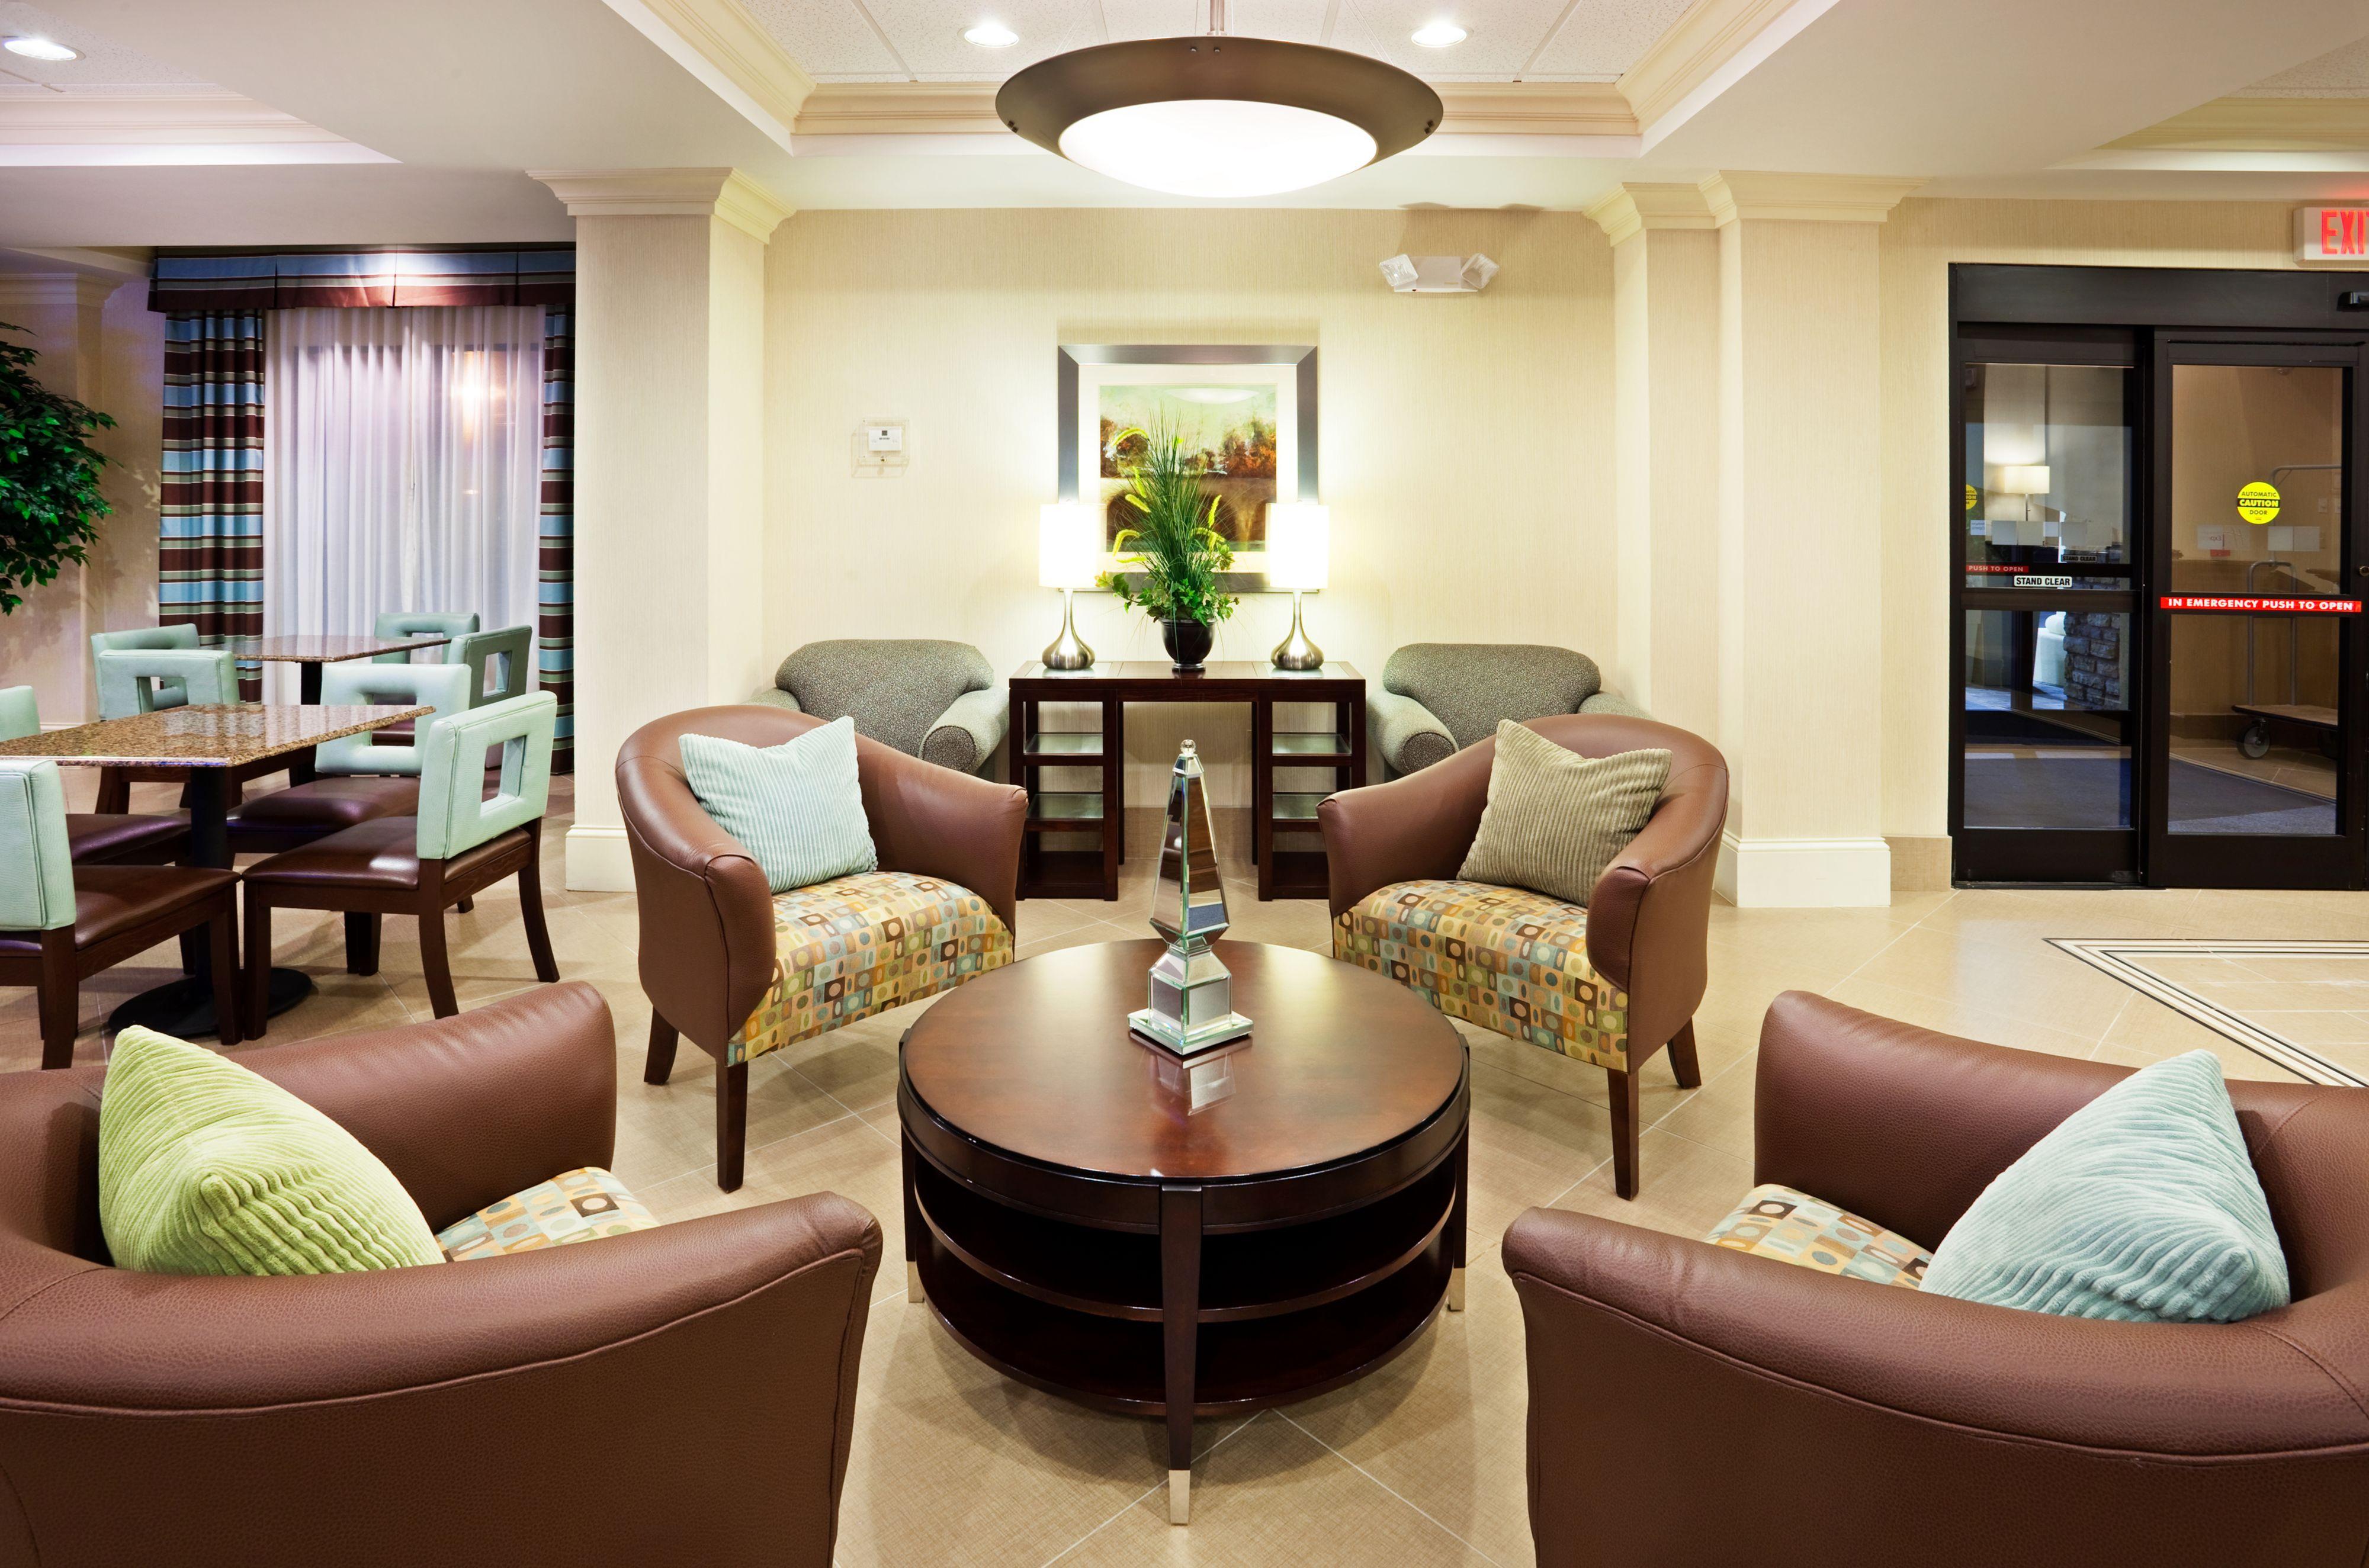 Holiday Inn Express & Suites Smyrna-Nashville Area image 5